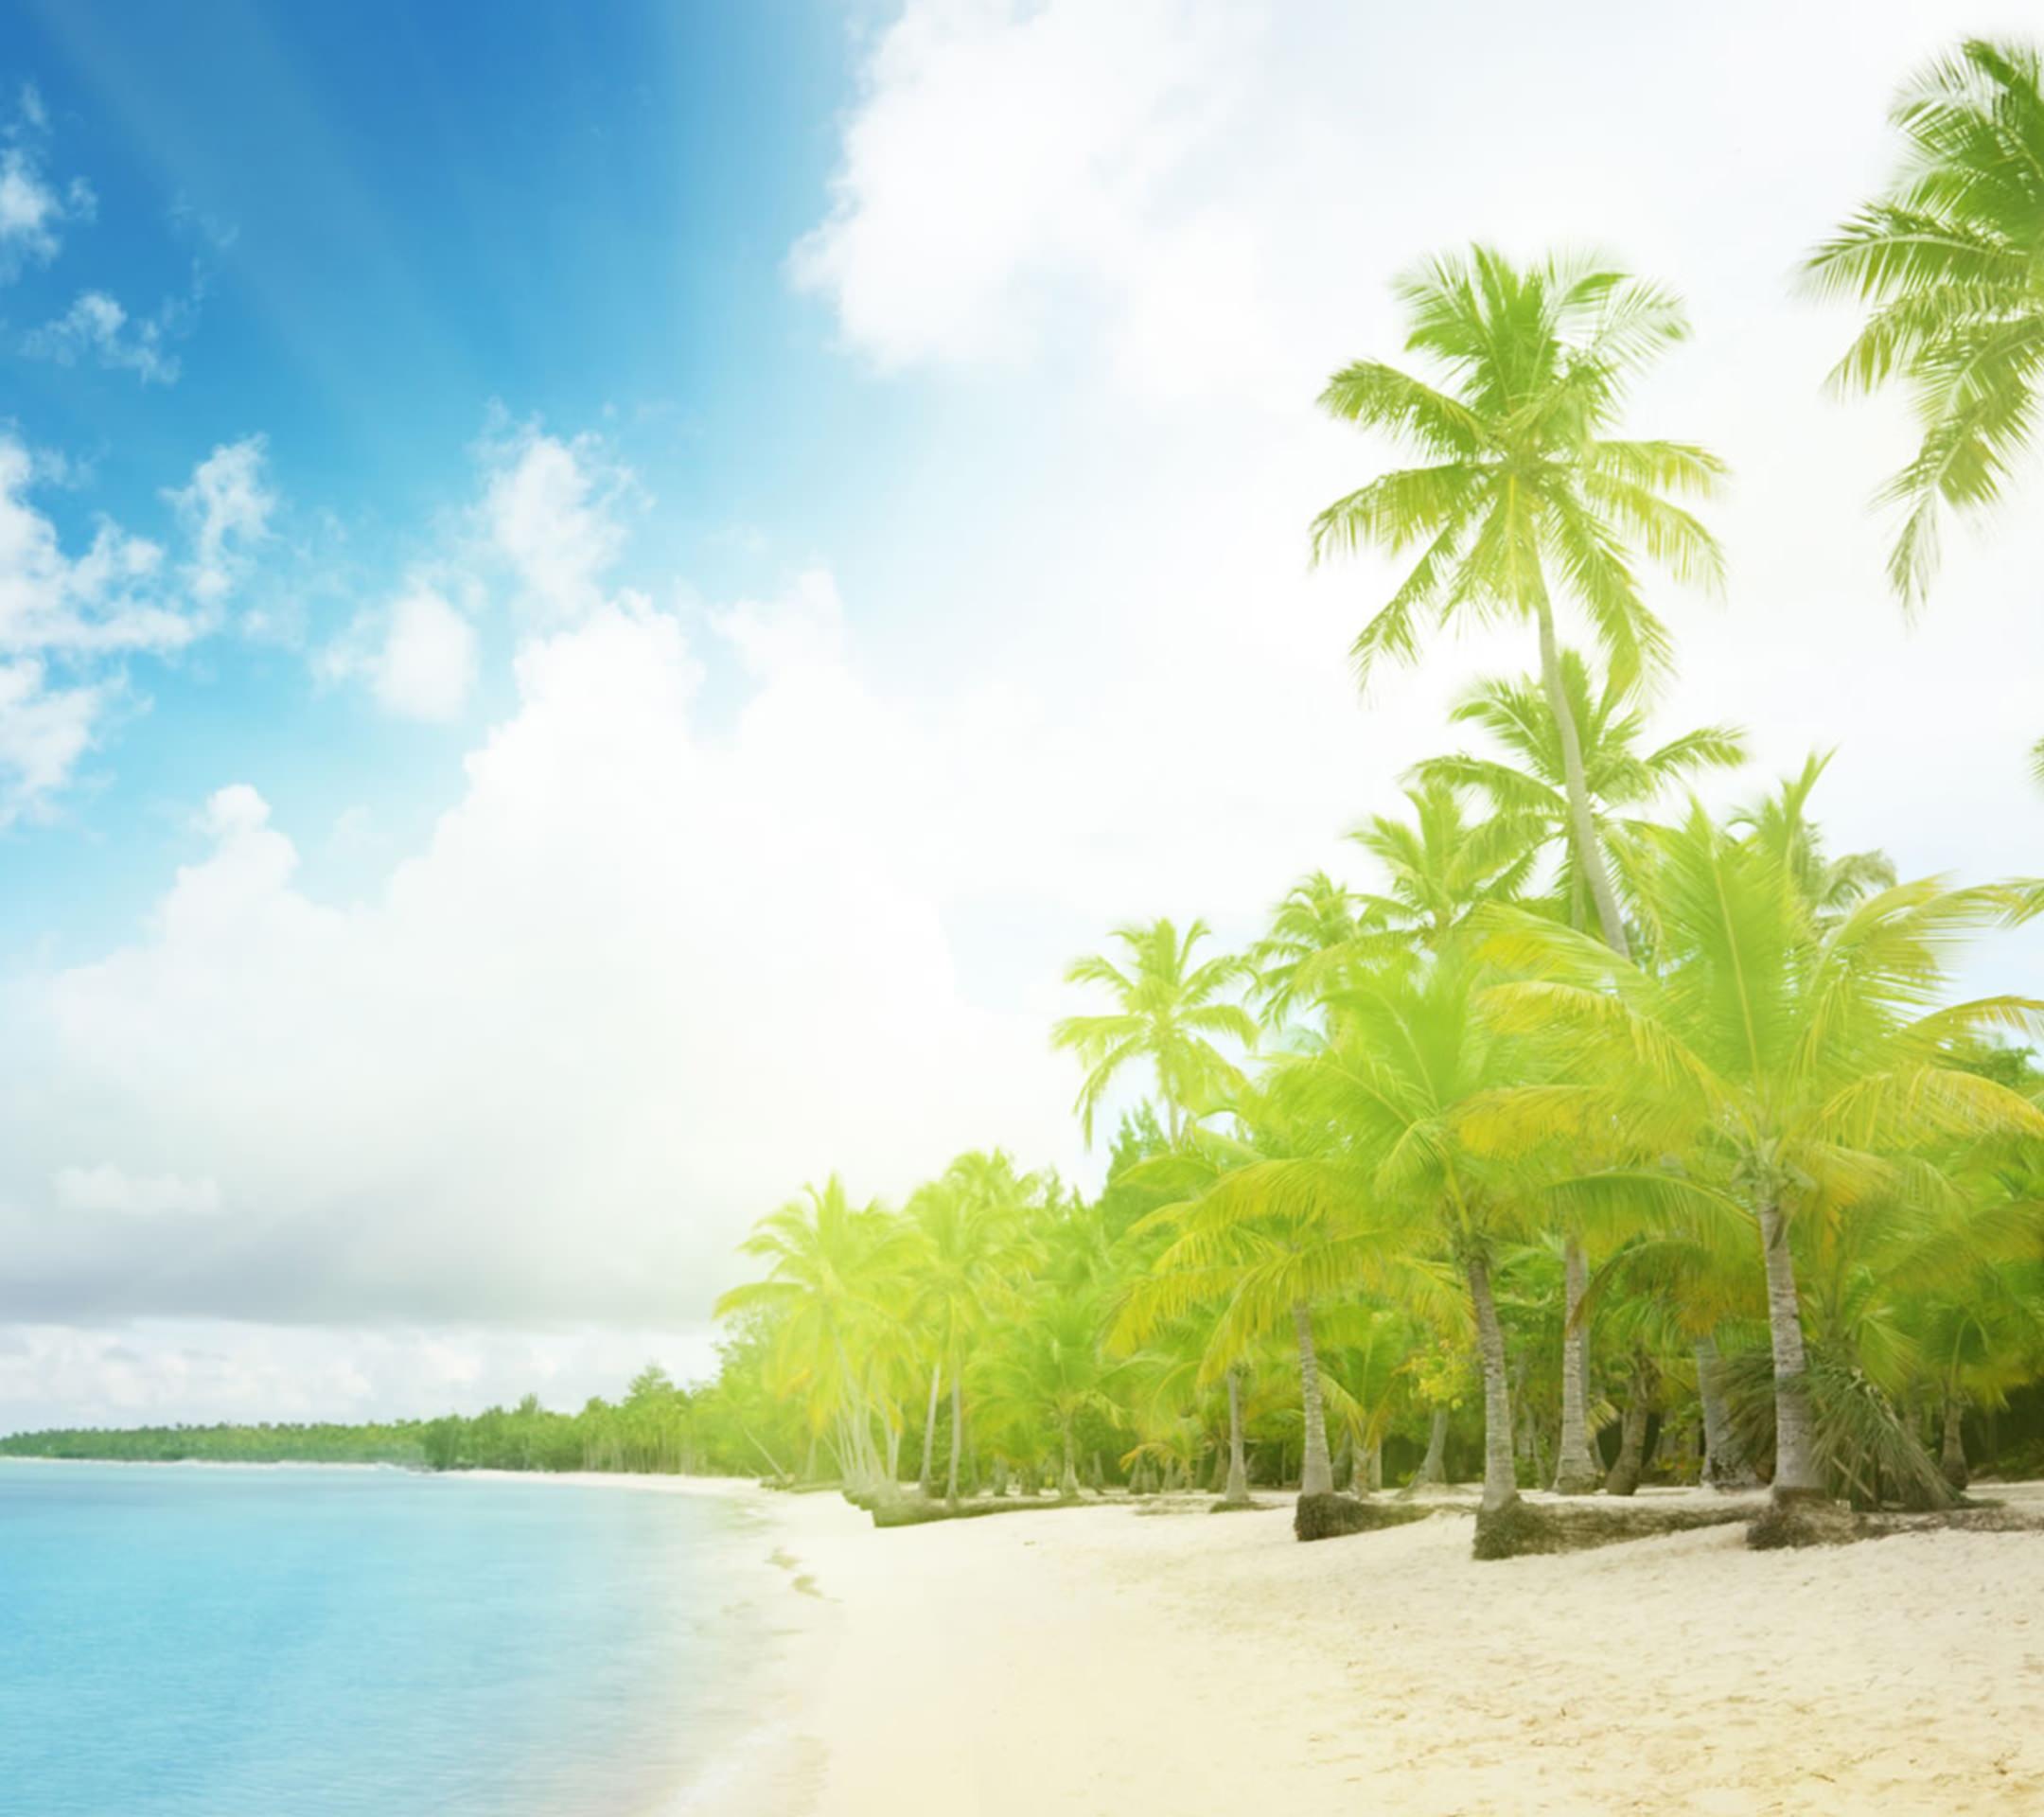 椰子の木のあるビーチ Android壁紙(2160x1920)